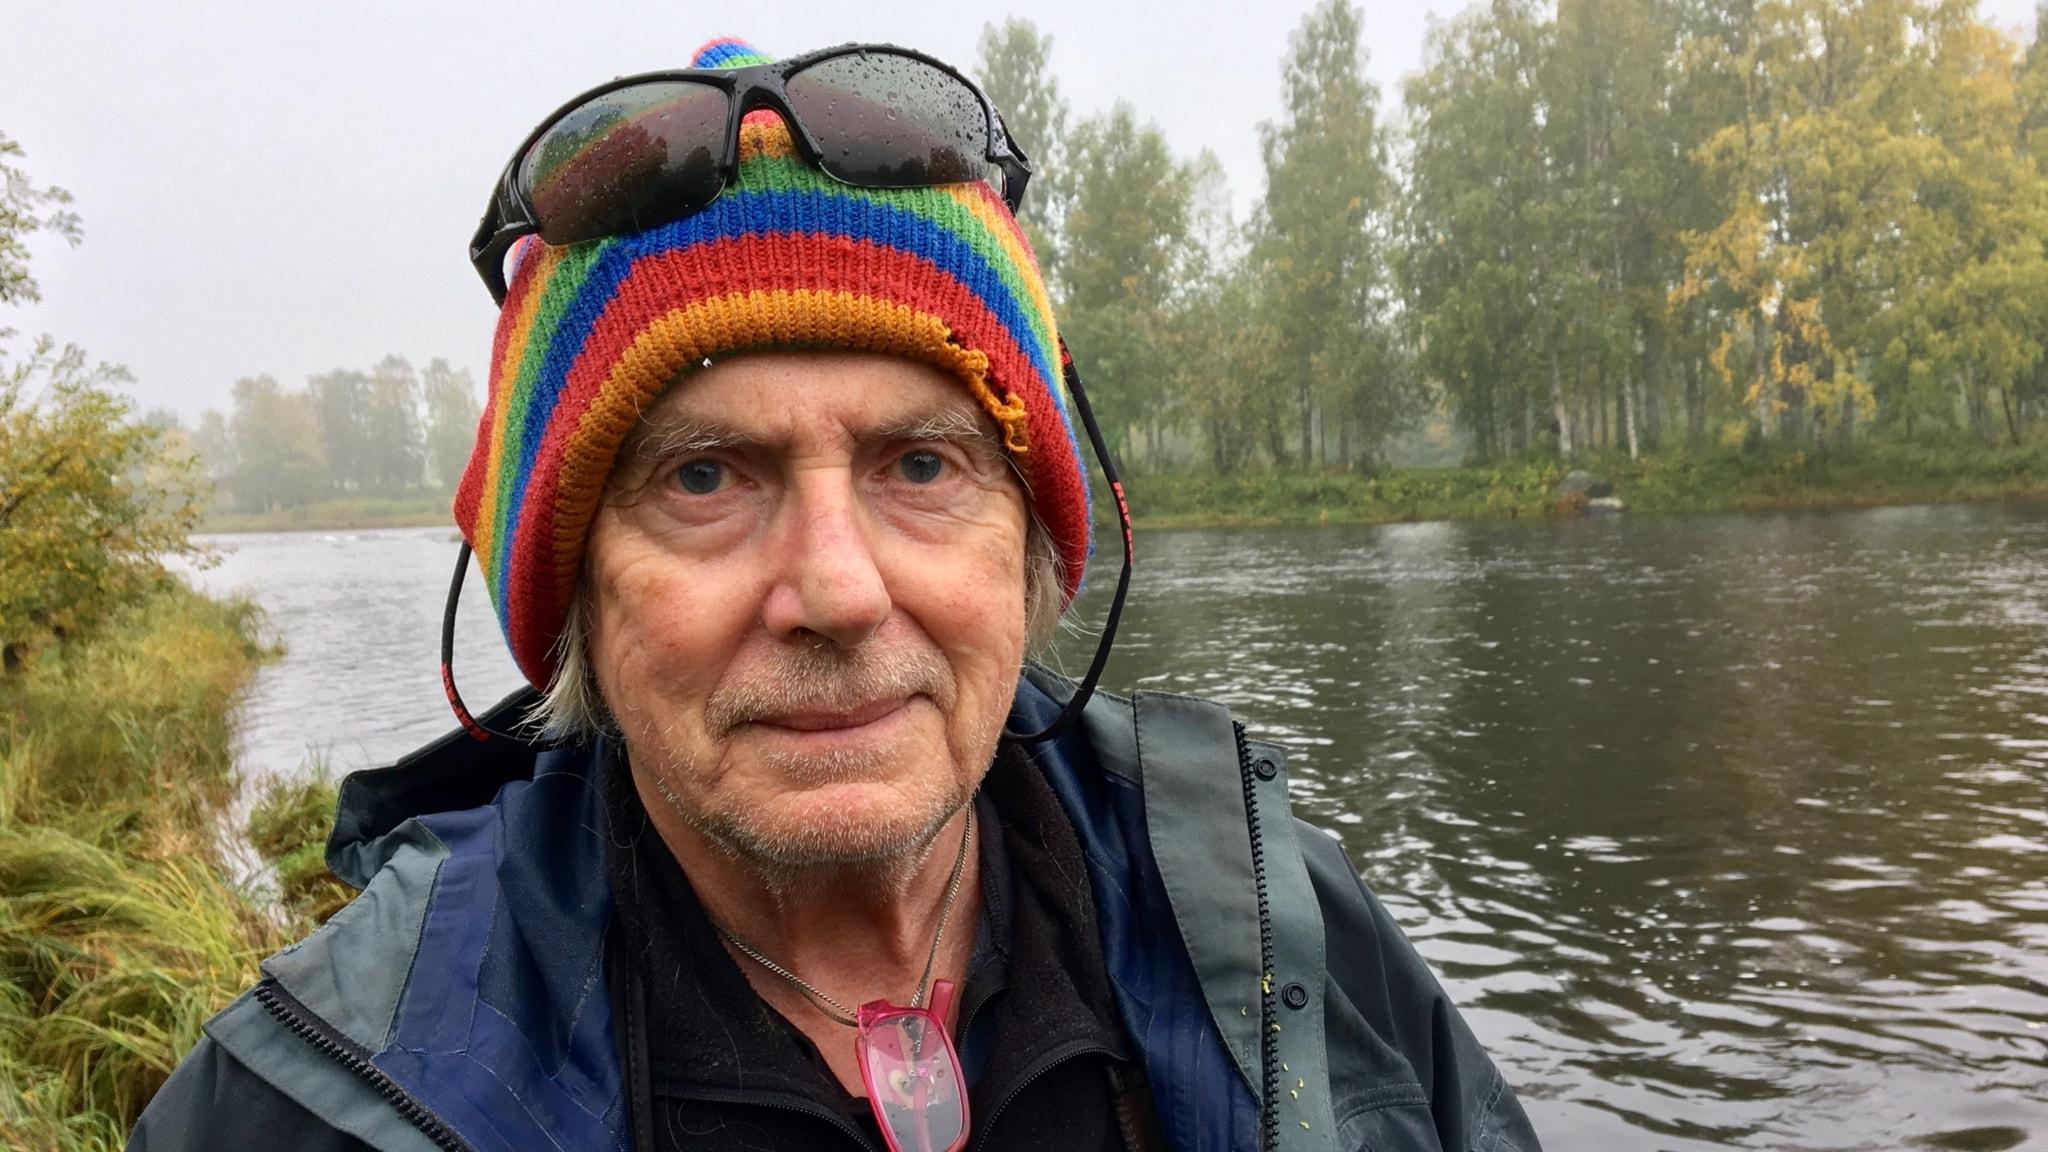 Fiske- och vildmarksförfattaren Gunnar Westrin vid Råneälven.